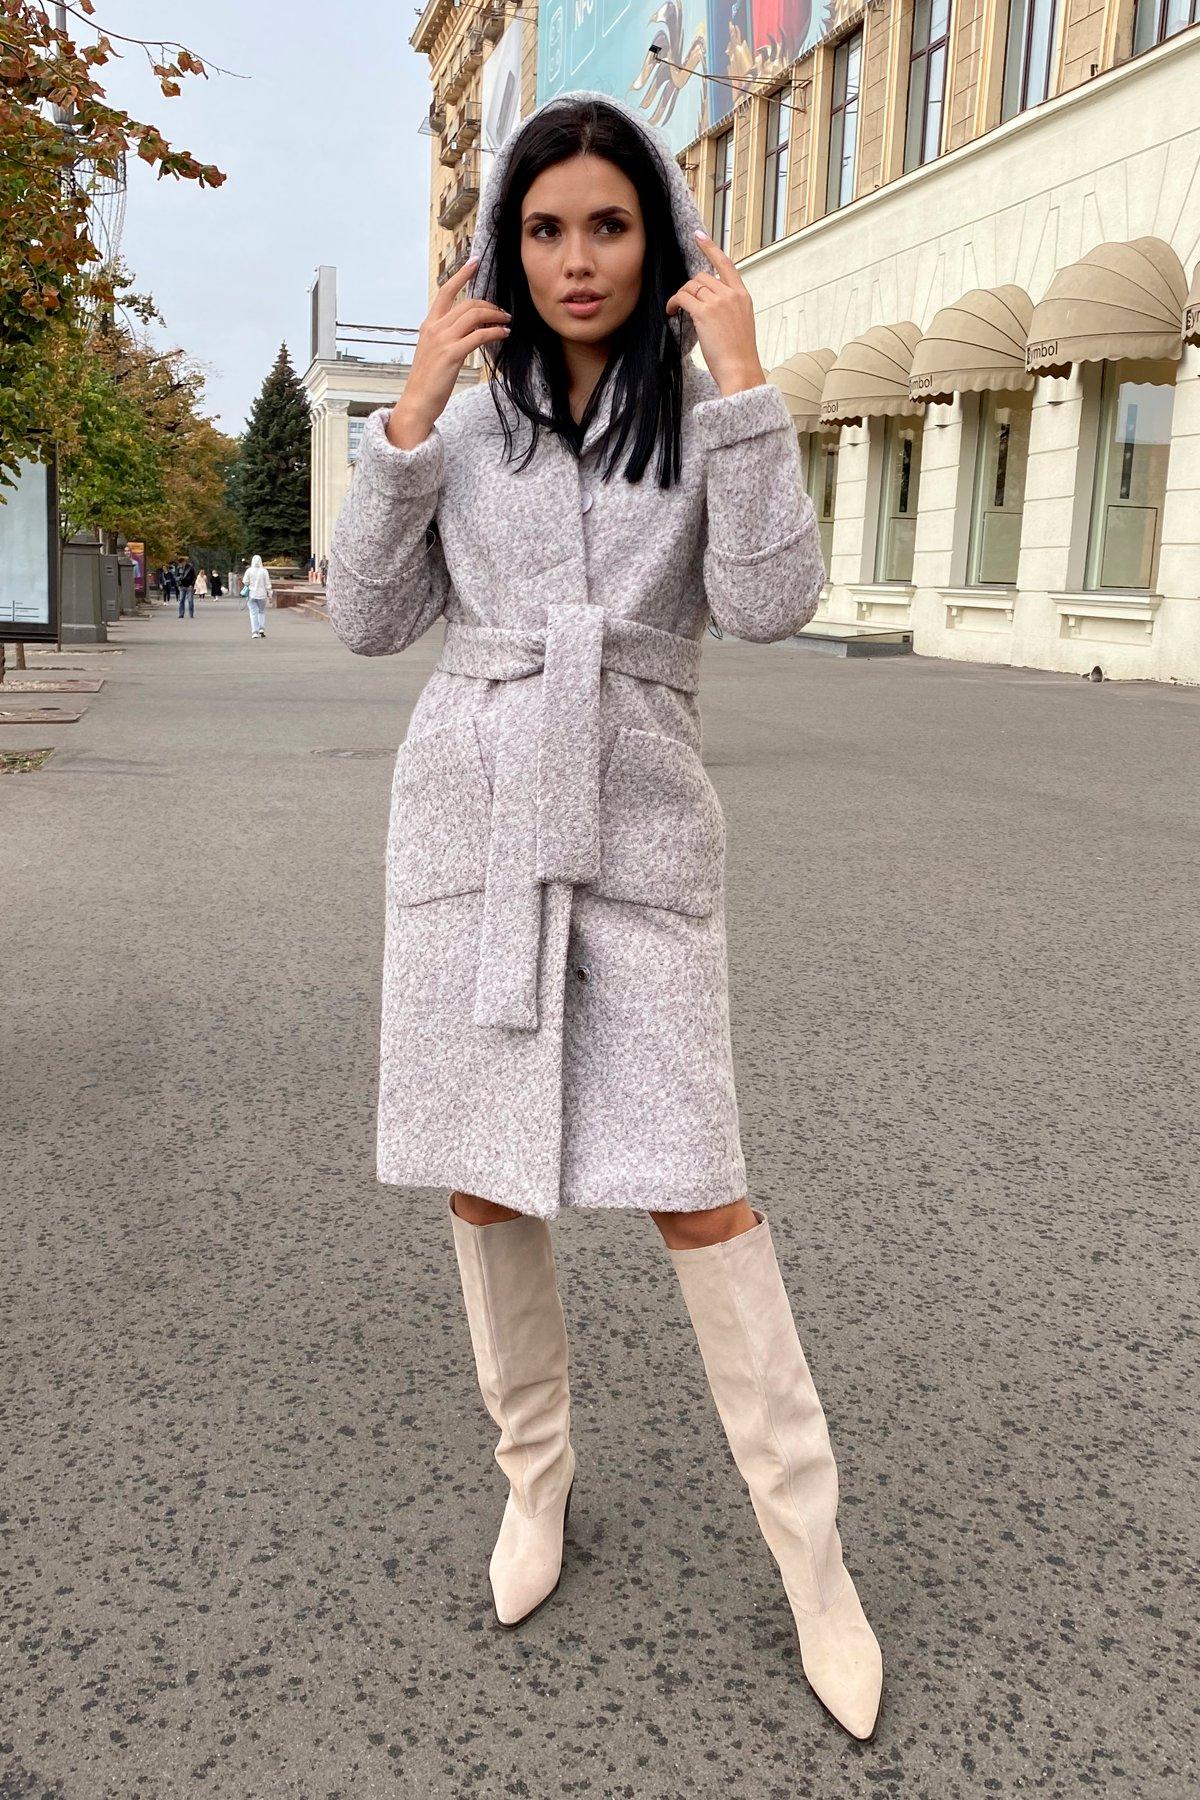 Пальто зима шерсть букле Анита 8320 АРТ. 44439 Цвет: Серый/бежевый 24 - фото 11, интернет магазин tm-modus.ru